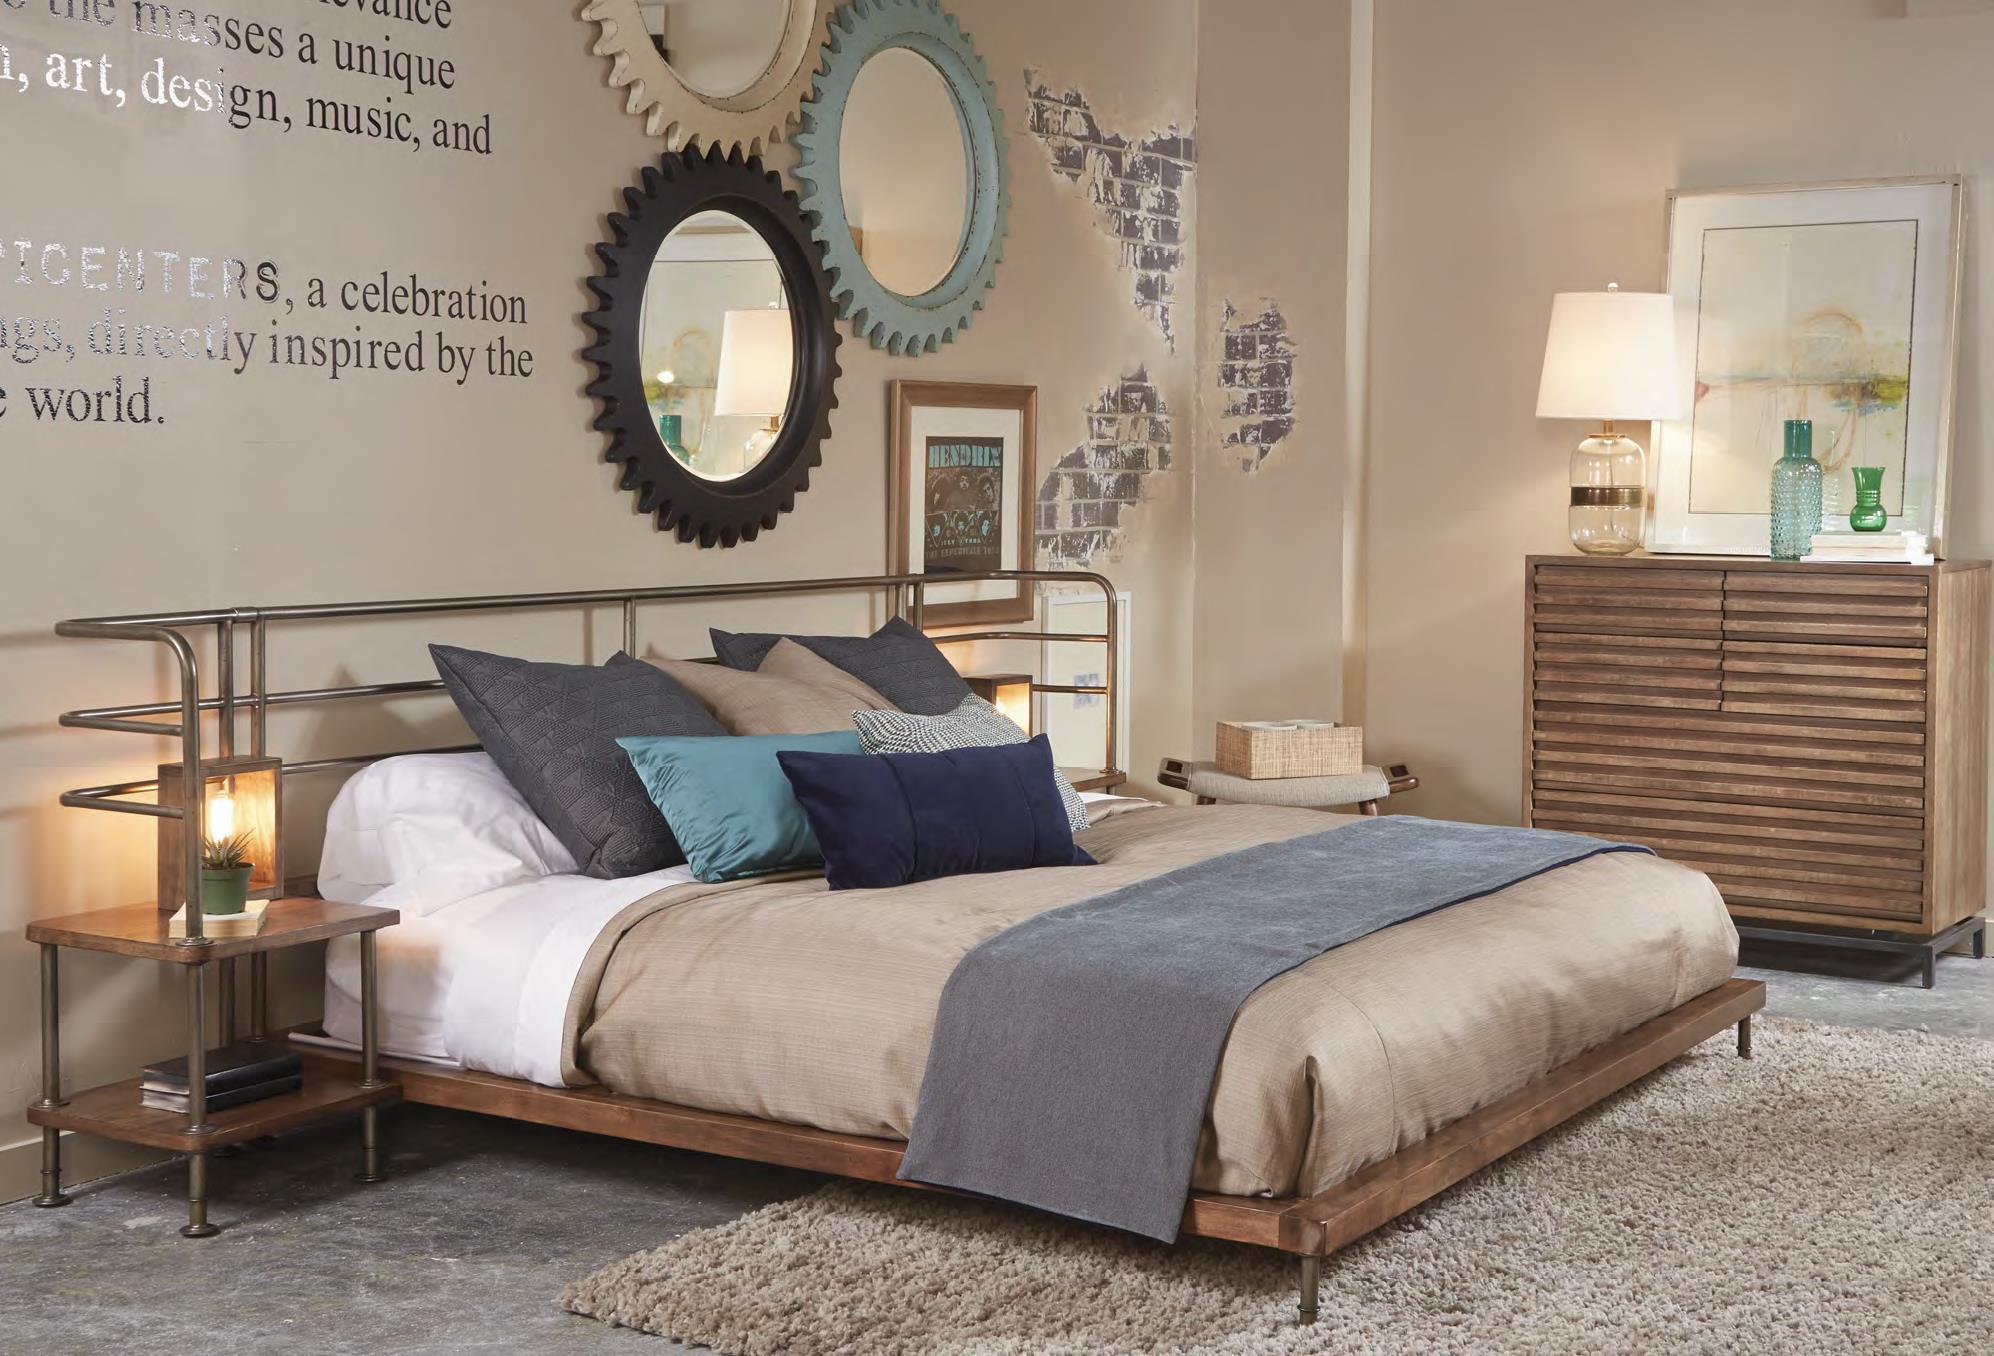 Belfort Signature Urban Treasures King Bedroom Group - Item Number: 223000-2302 K Bedroom Group 5